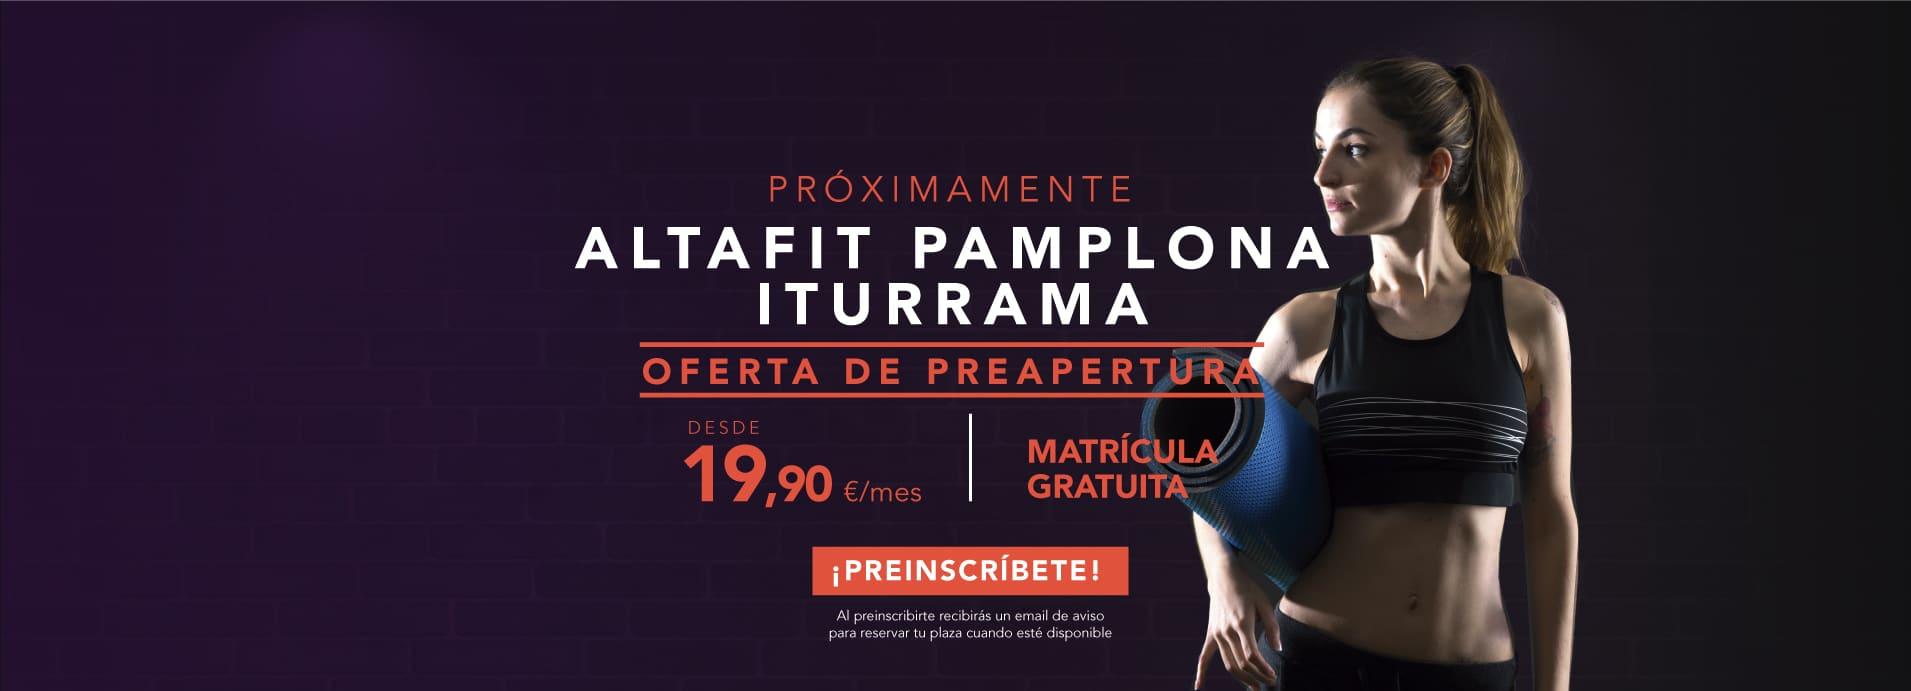 Preinscríbete en el nuevo Altafit Pamplona Iturrama